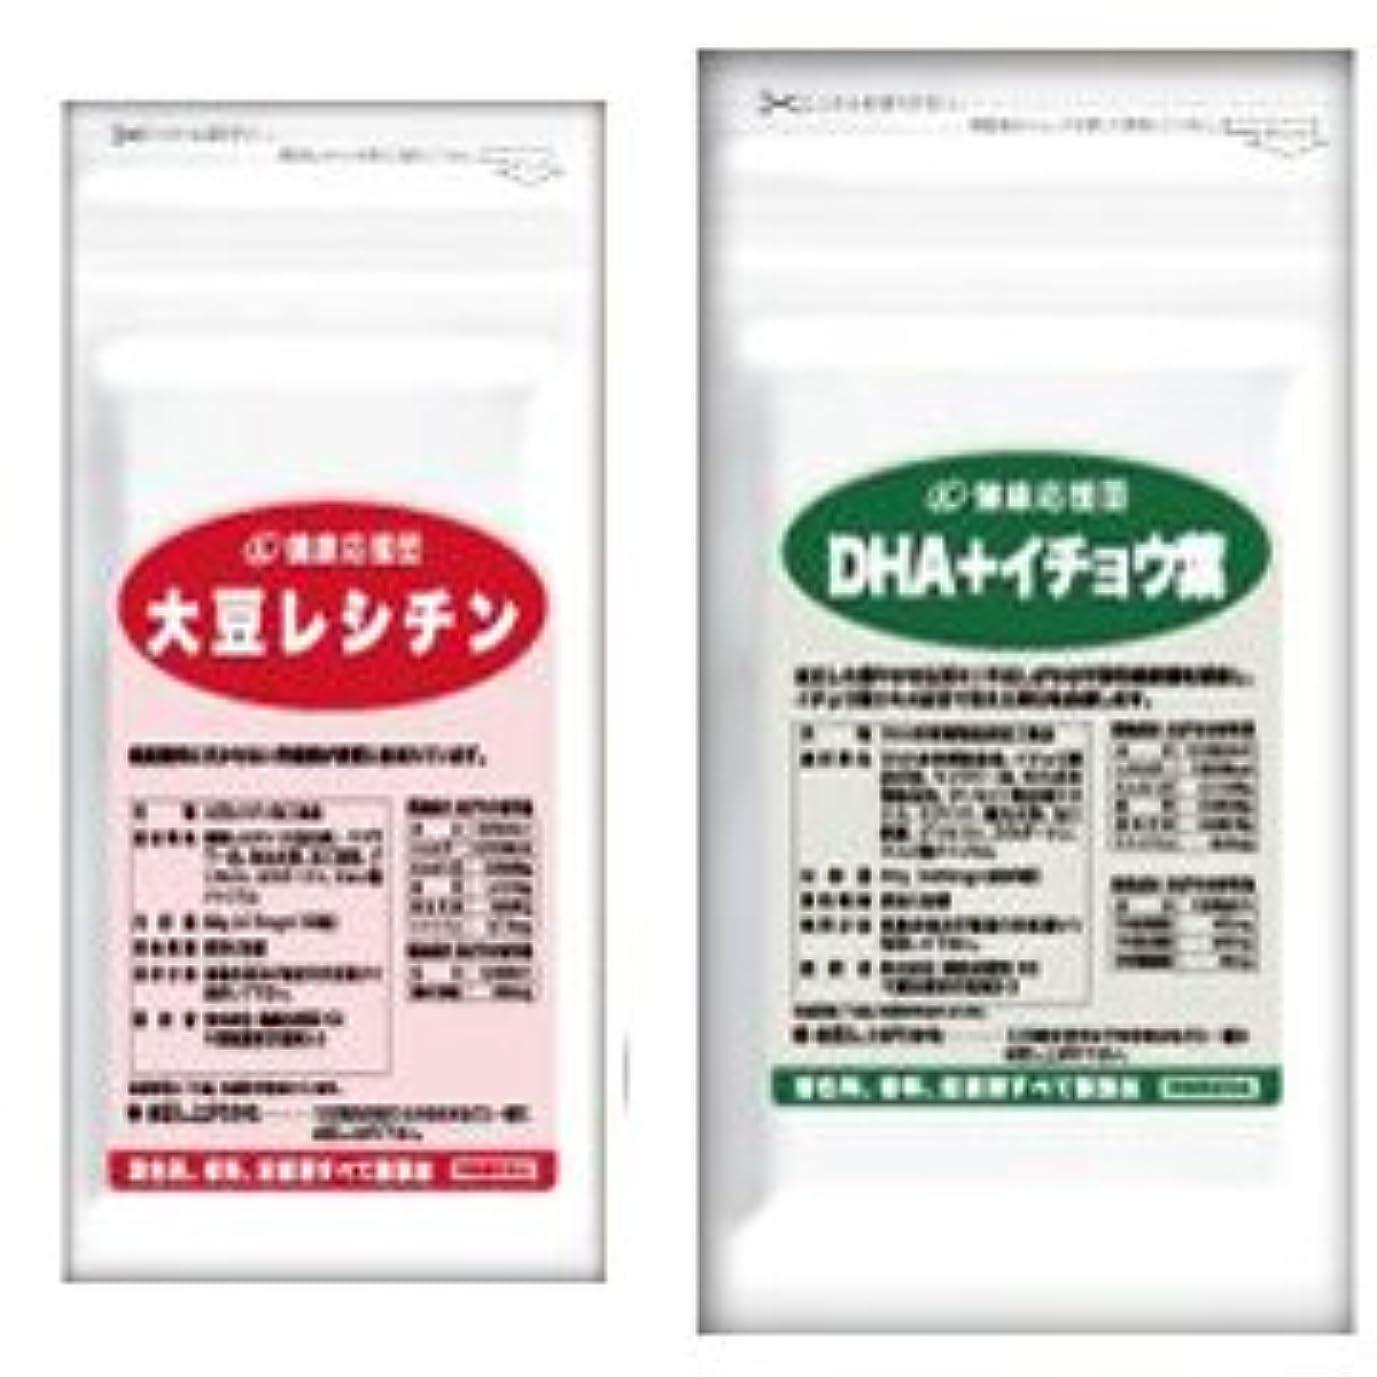 賢明な力学以降流れサラサラセット 大豆レシチン+(DHA?EPA+イチョウ葉) お徳用12か月分